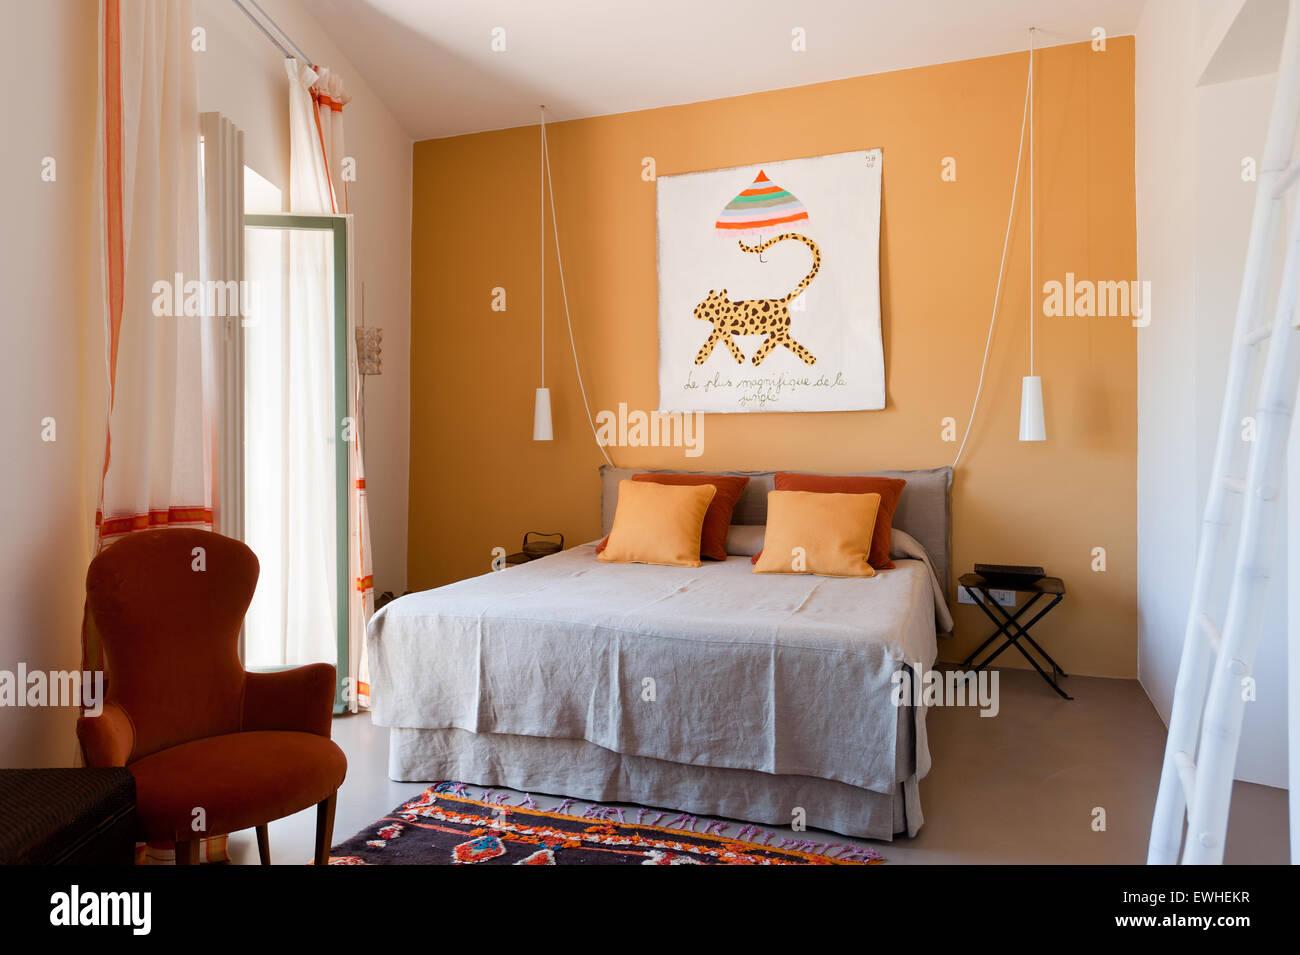 Colore Arancione Pareti Camera Da Letto.Xix Secolo Cattedra Italiana In Camera Da Letto Con Parete Di Colore